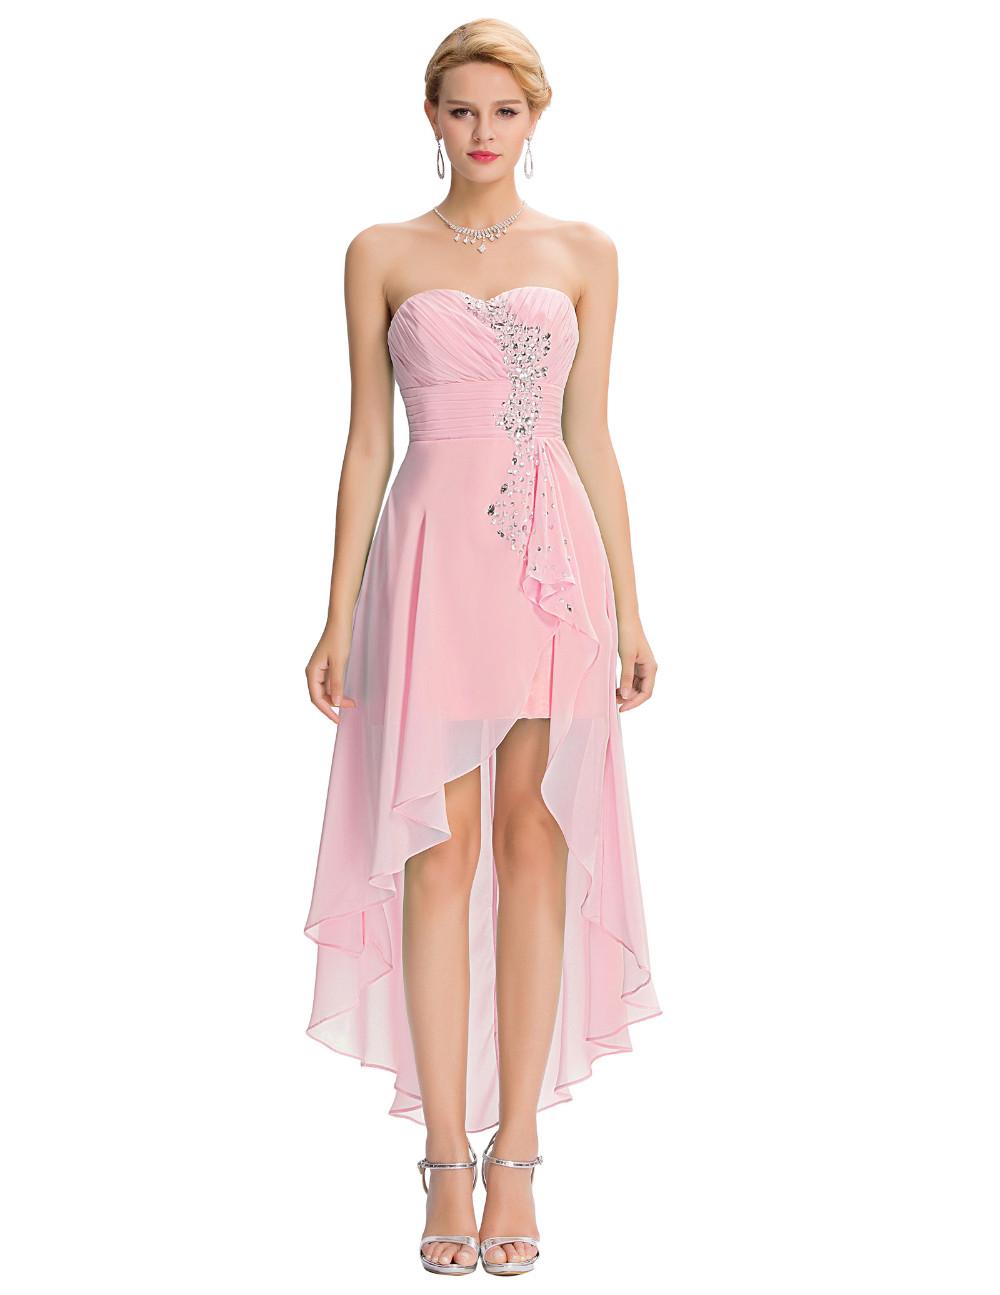 Ausgezeichnet Bella Abendkleider Bilder - Brautkleider Ideen ...